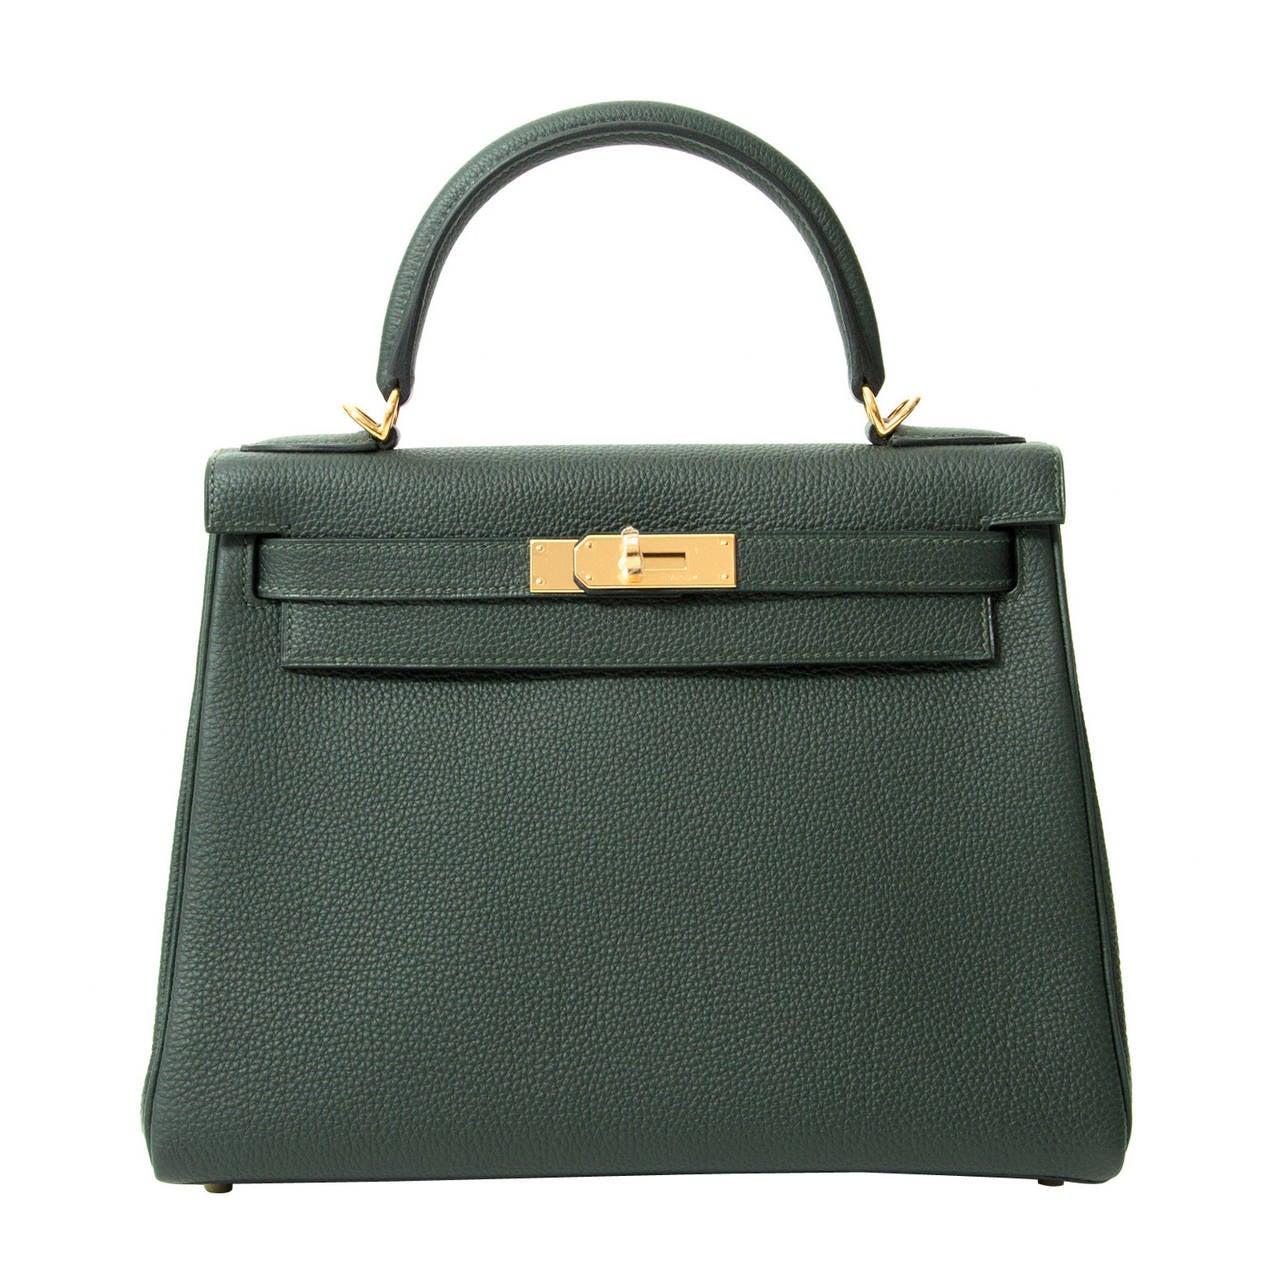 d2109072cb61 BRAND NEW Hermès Kelly Bag 28 Togo Vert Fonce GHW With Shoulder Strap For  Sale